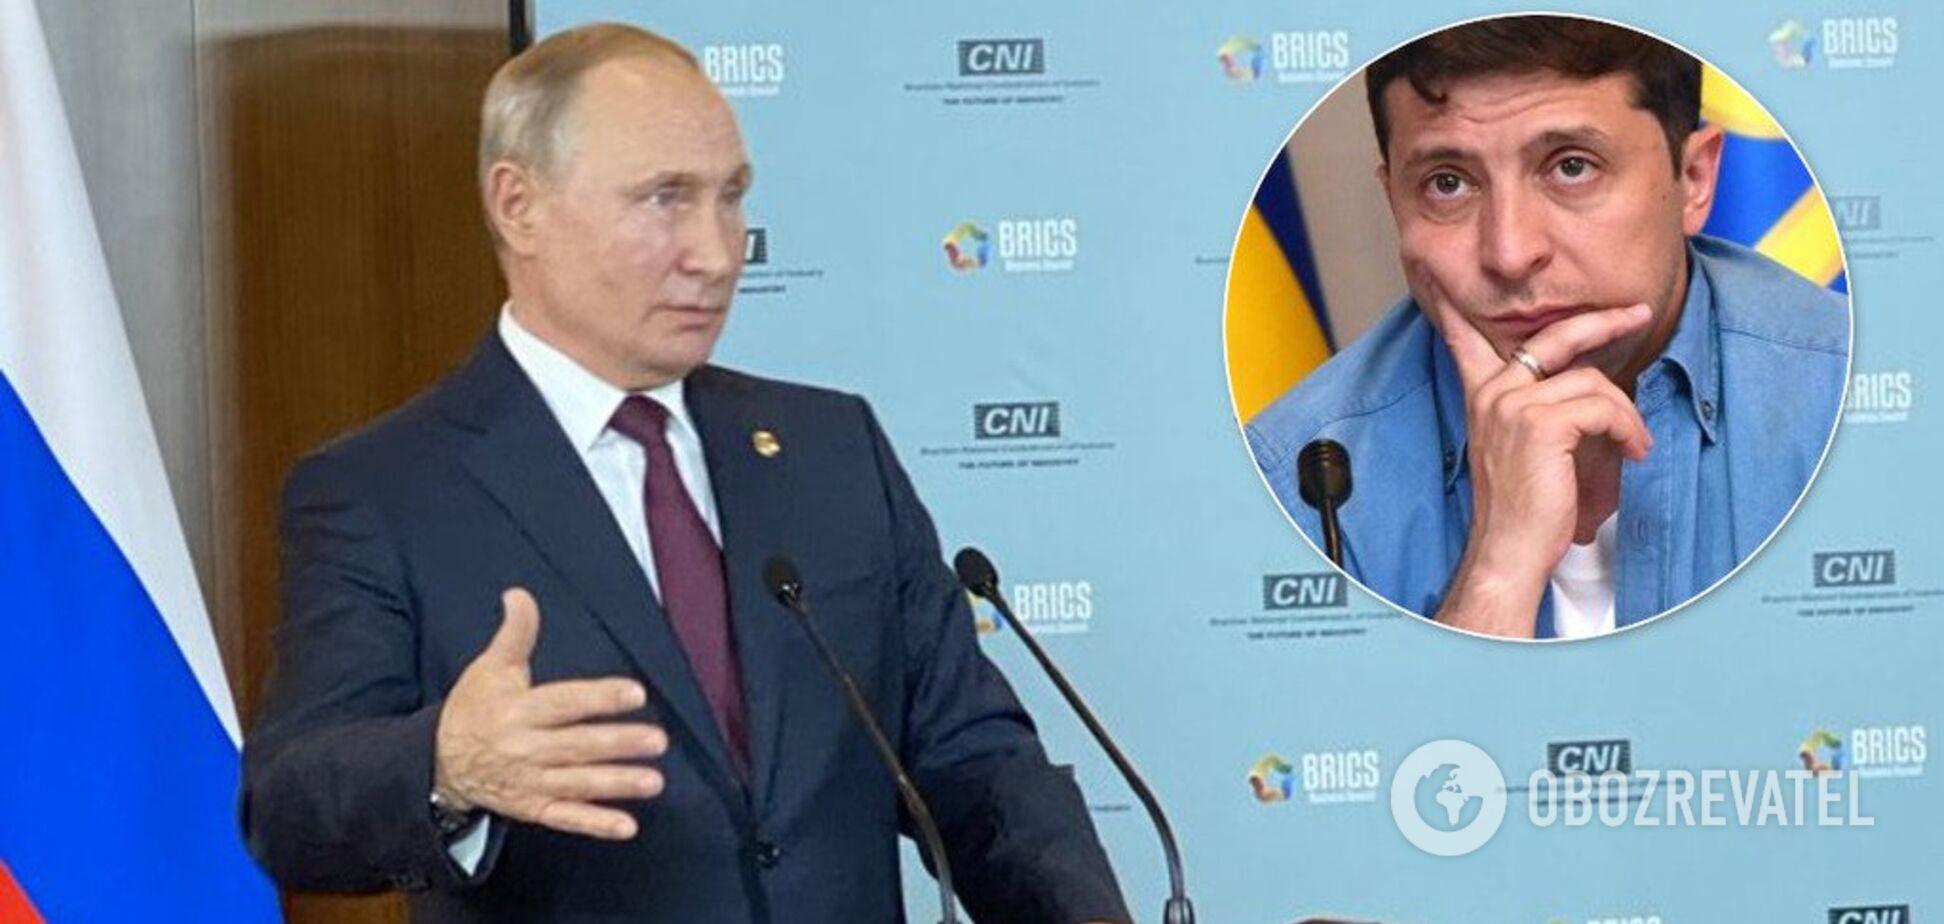 'Треба домовлятися': Путін зухвало пригрозив Зеленському та висунув вимоги щодо Донбасу